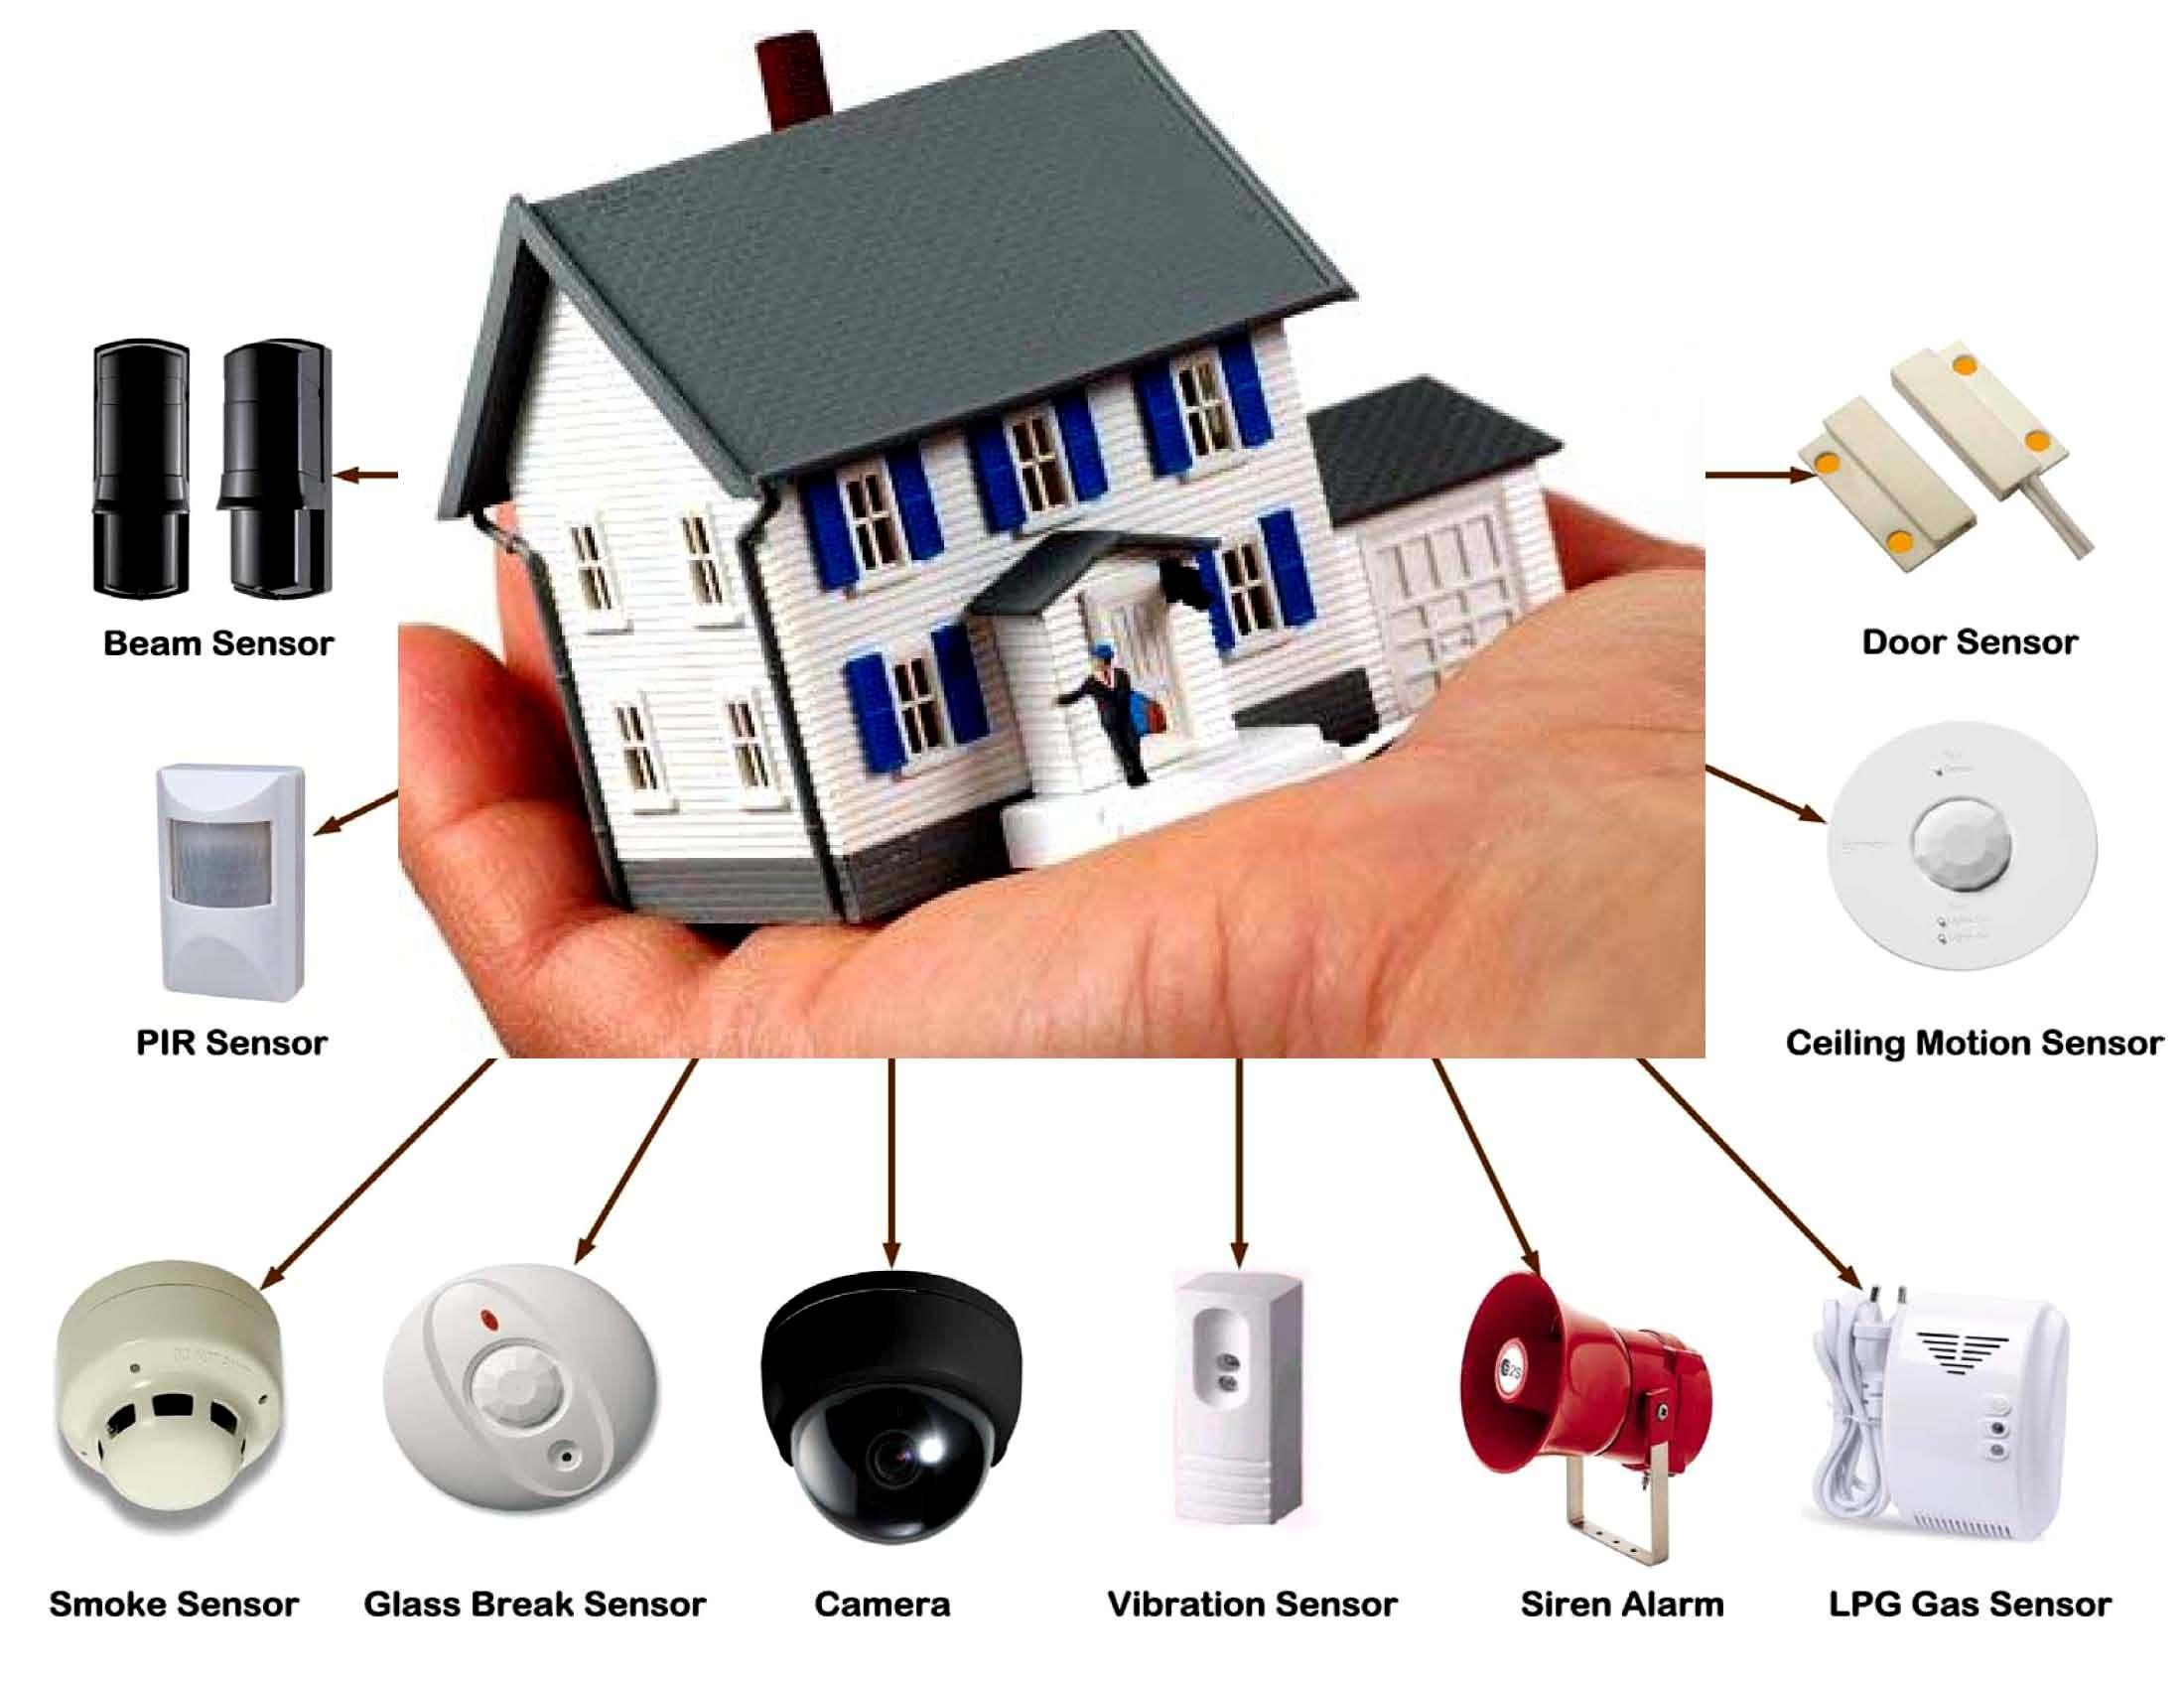 خرید دزدگیر منزل با بهترین کیفیت